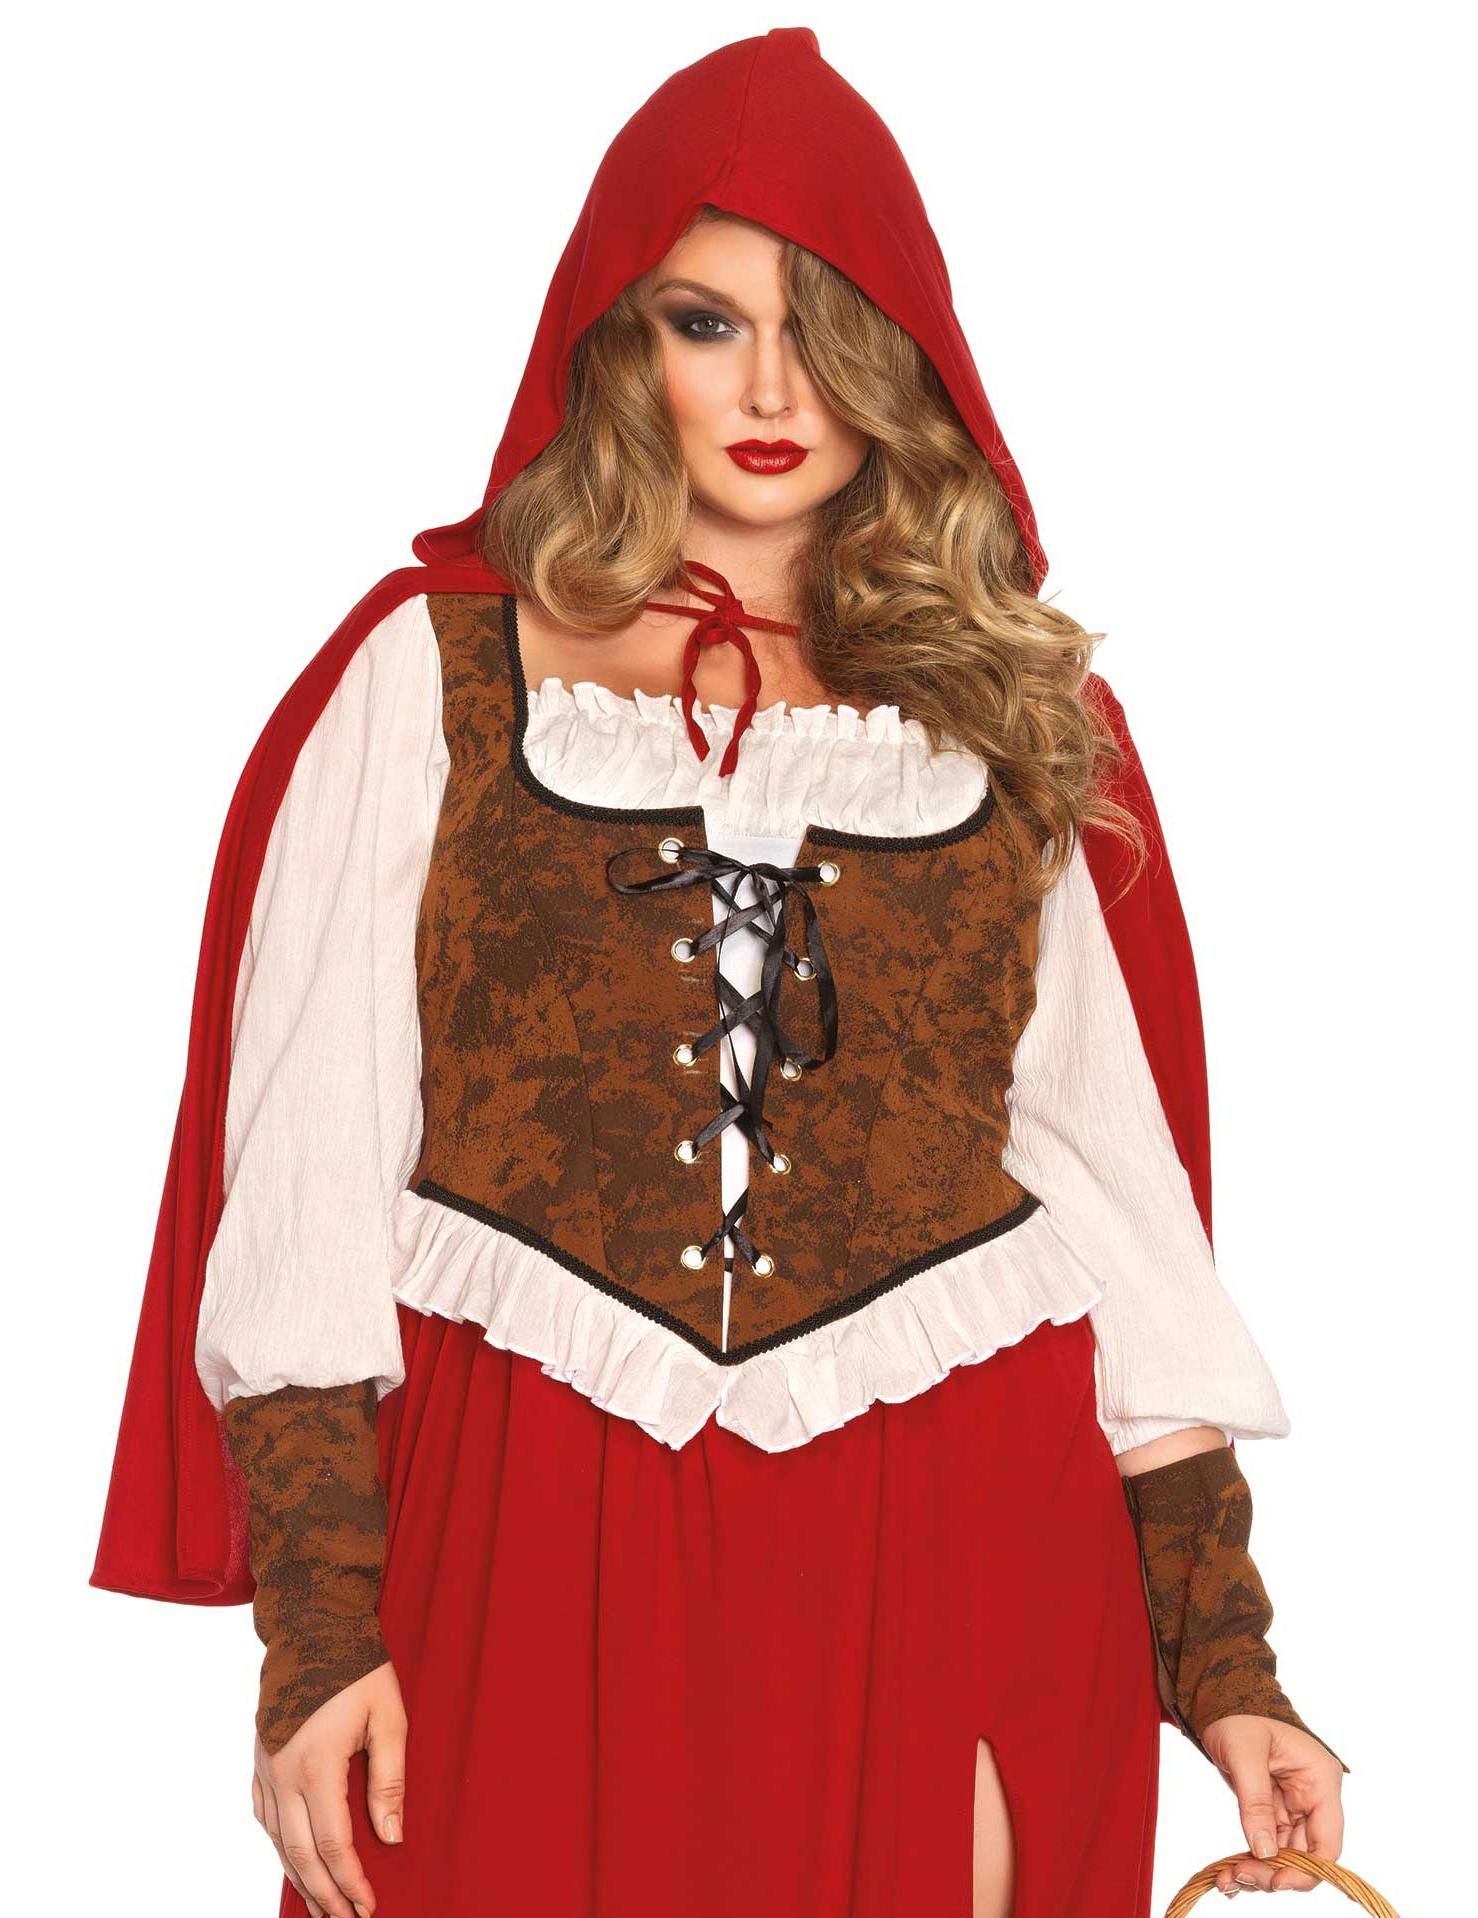 ba1fae60e4e5 Rotkäppchen-Kostüm Plus Size für Damen braun-weiss-rot  Kostüme für ...